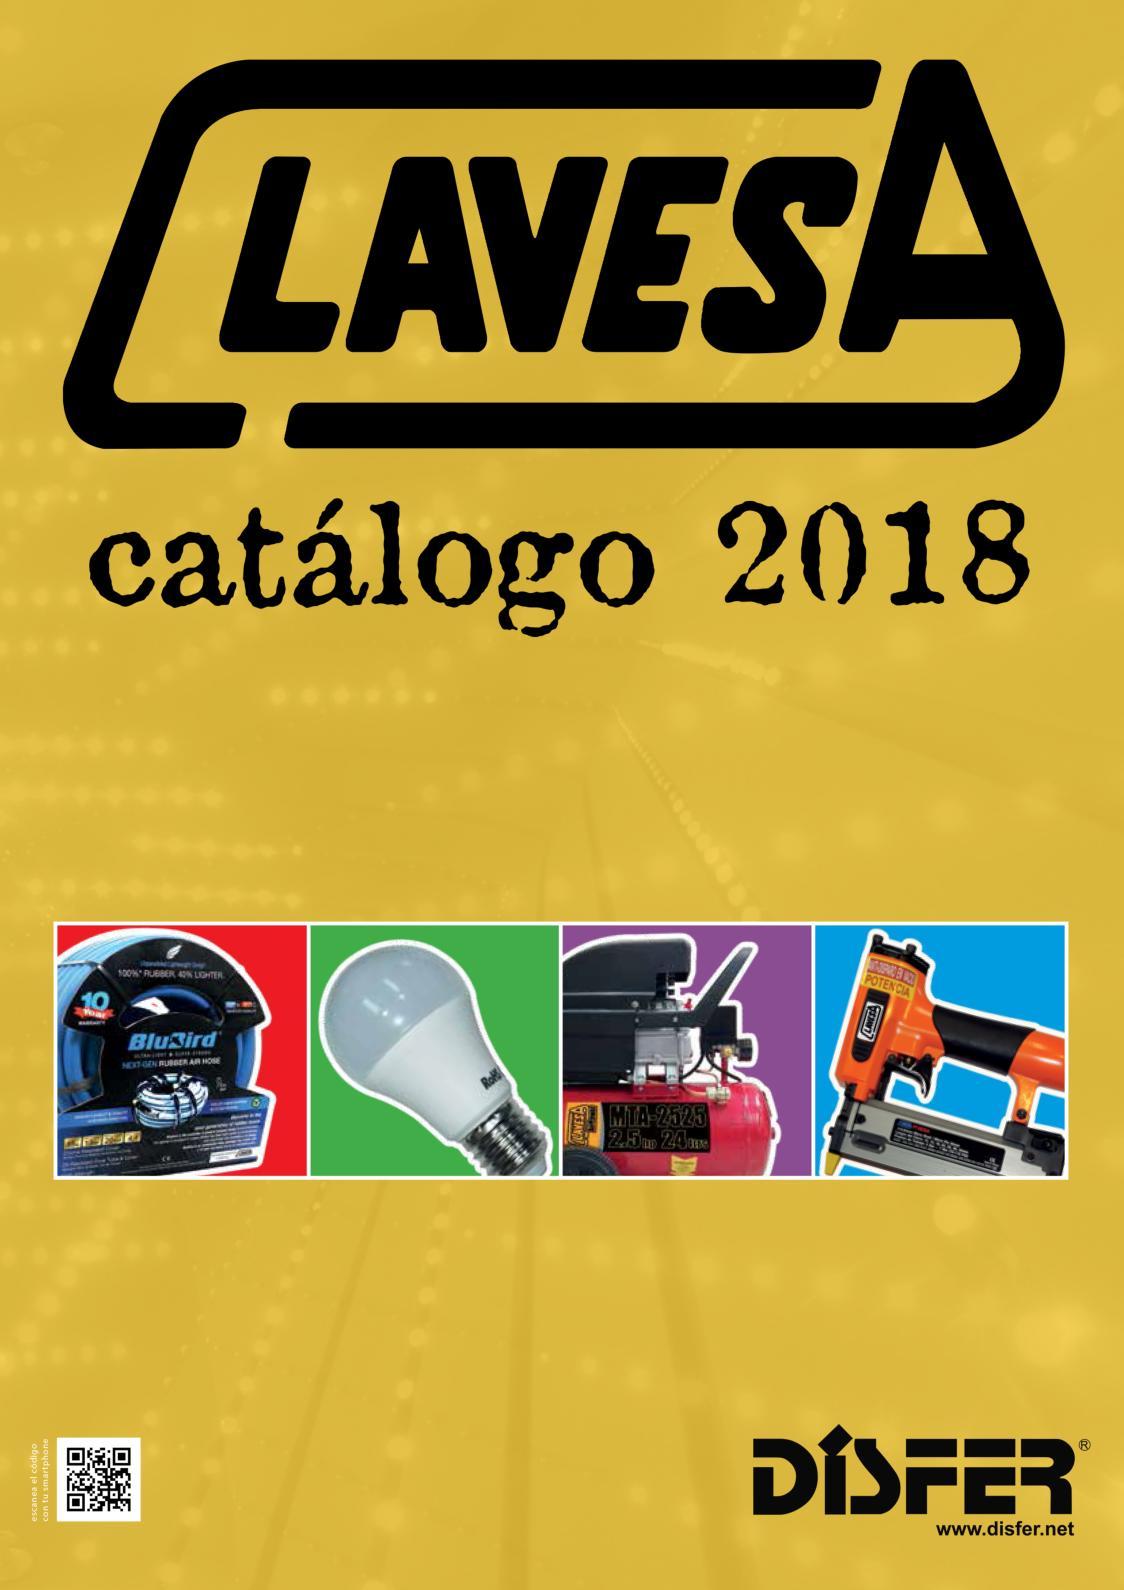 Calaméo - Clavesa Disfer Catalogo Tarifa 2018